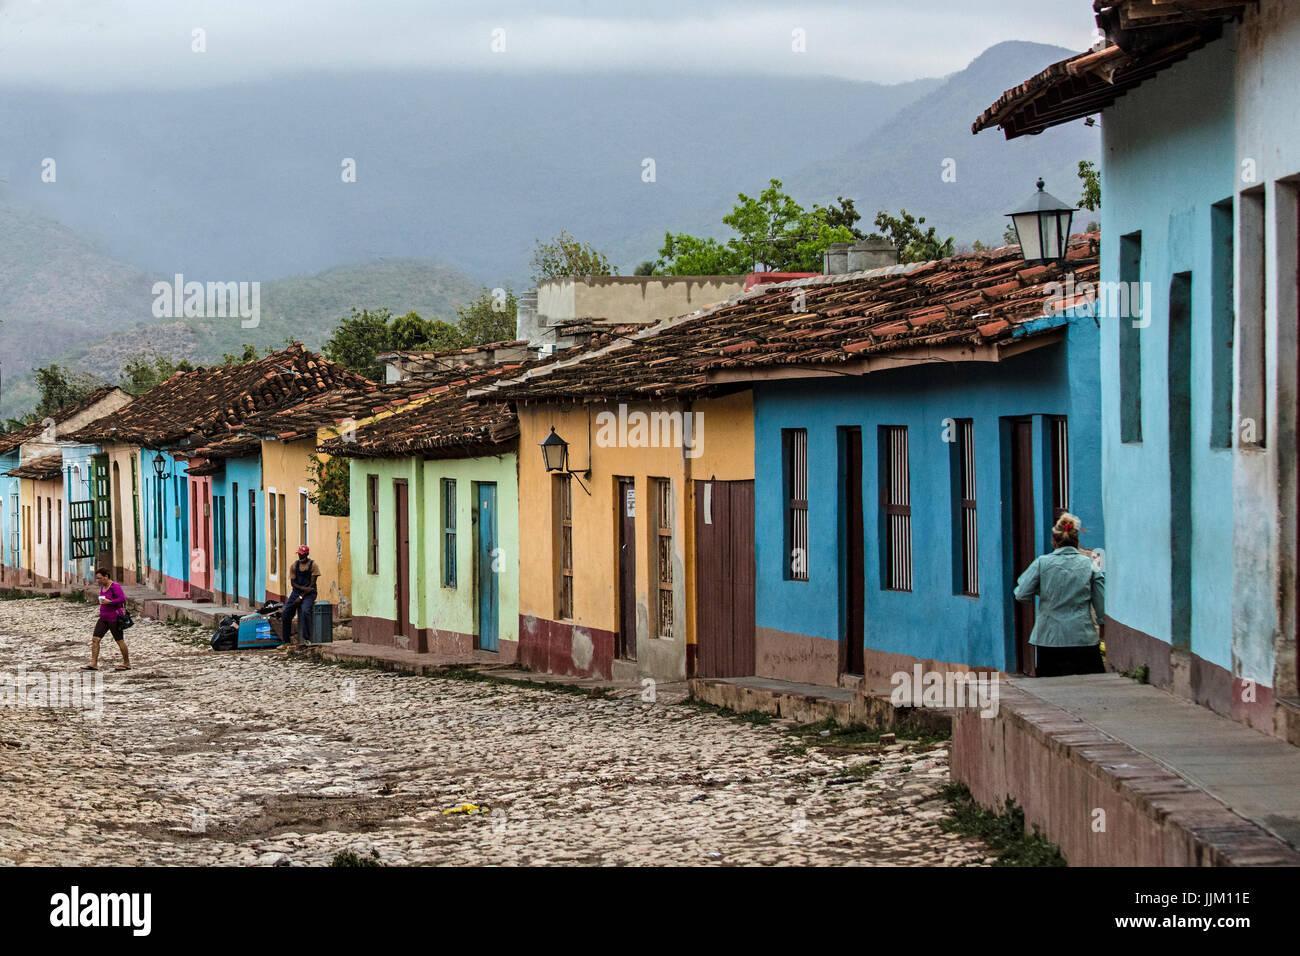 Die gepflasterten Straßen und bunten Häusern von TRINIDAD, Kuba Stockbild